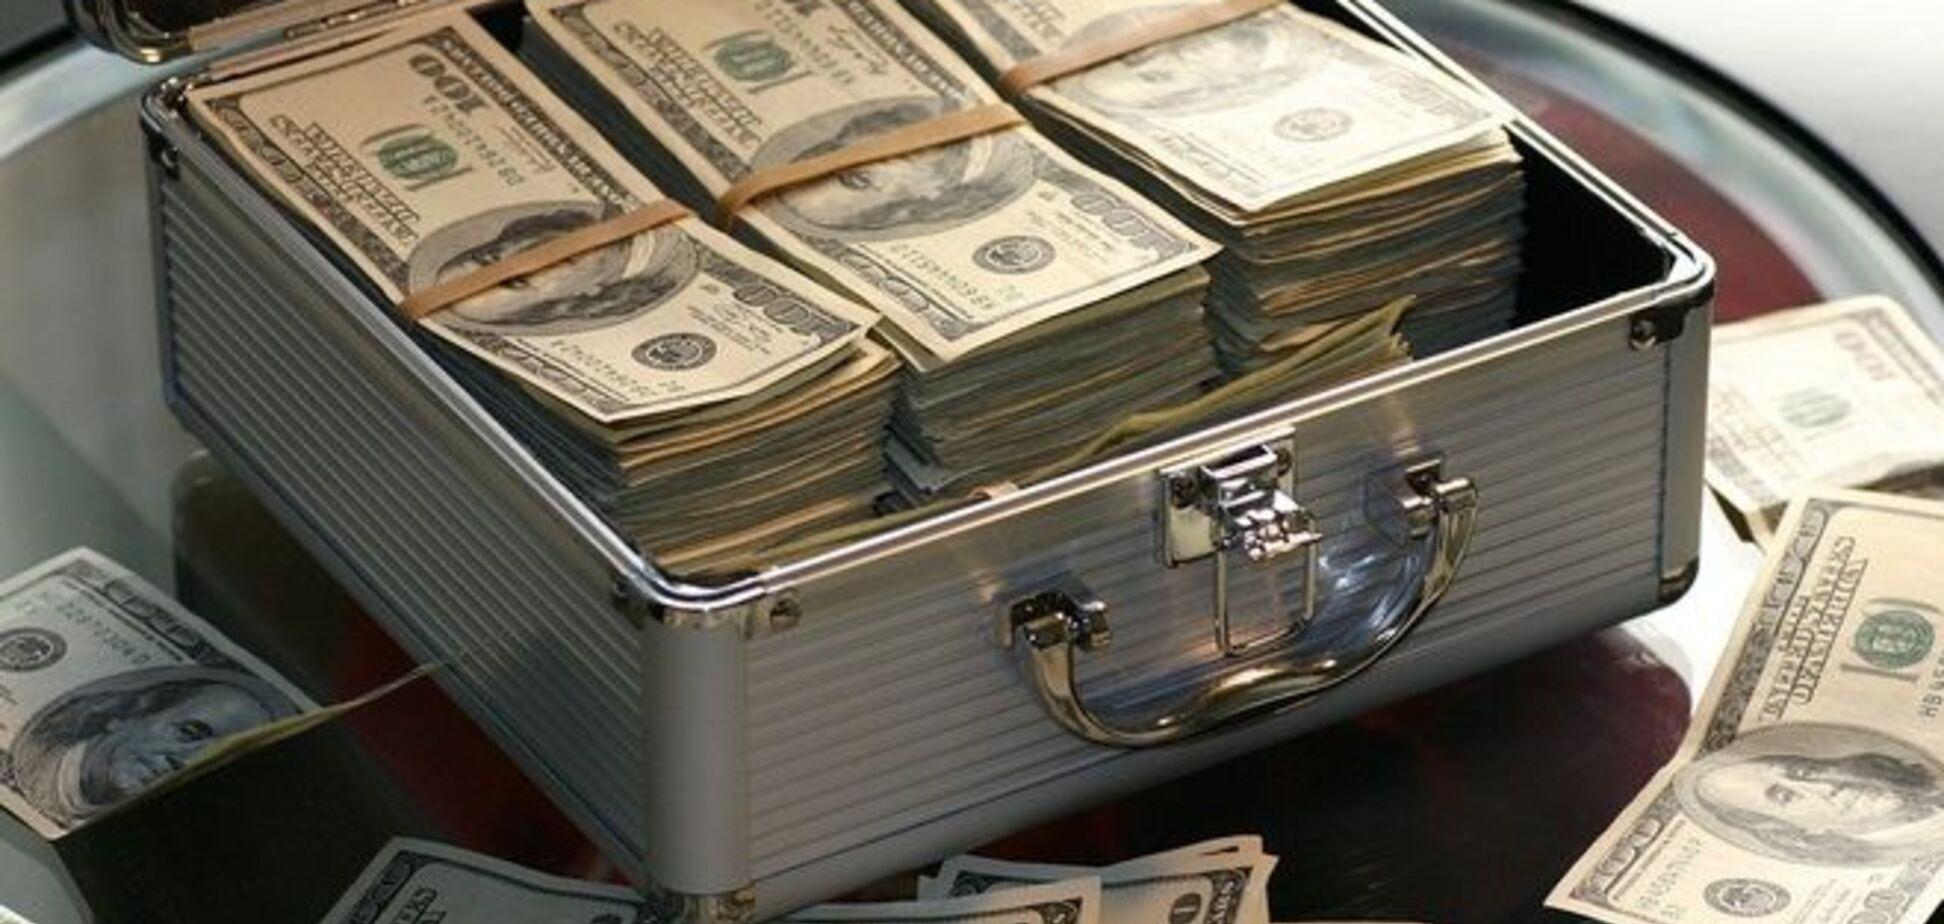 Депутат и полицейский на Черниговщине 'развели' мужчину на полмиллиона долларов